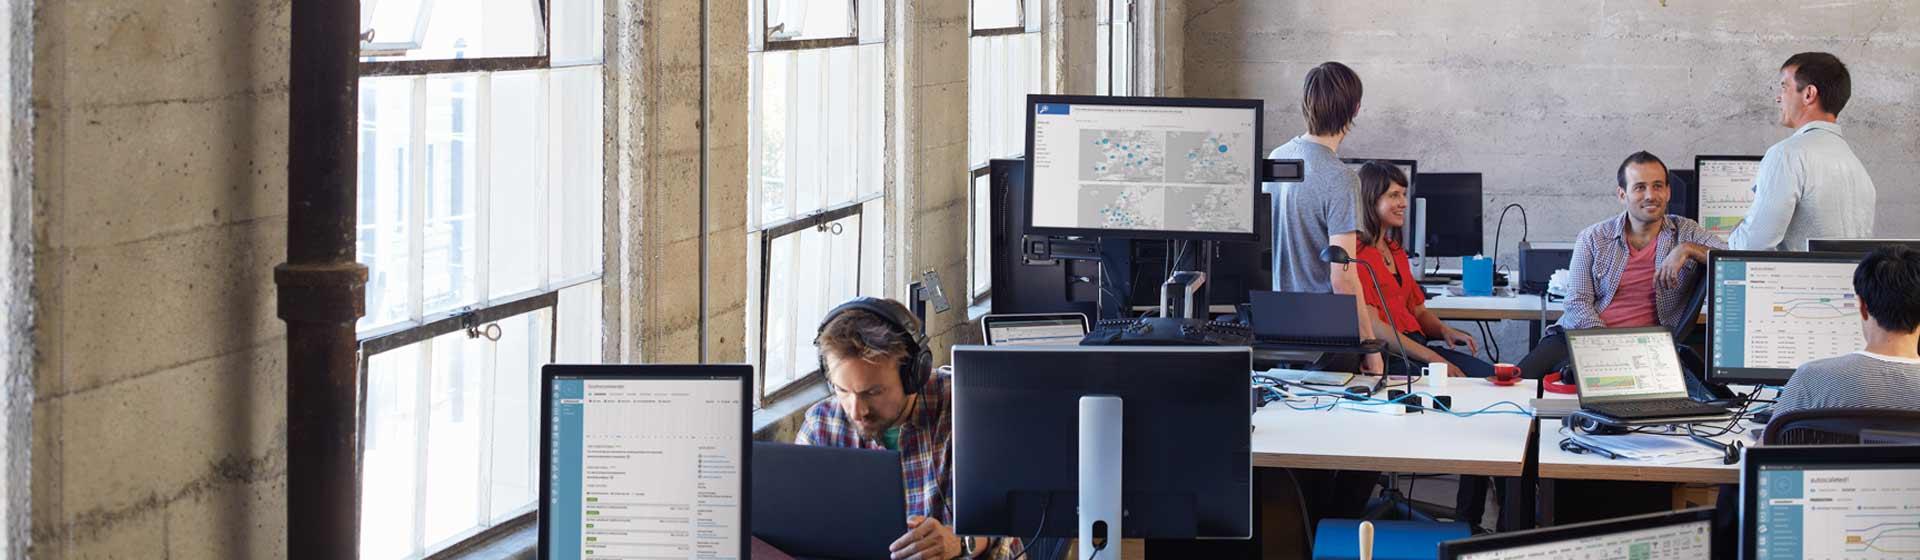 Grupa saradnika sedi i stoji oko stolova u kancelariji punoj računara na kojima radi Office 365